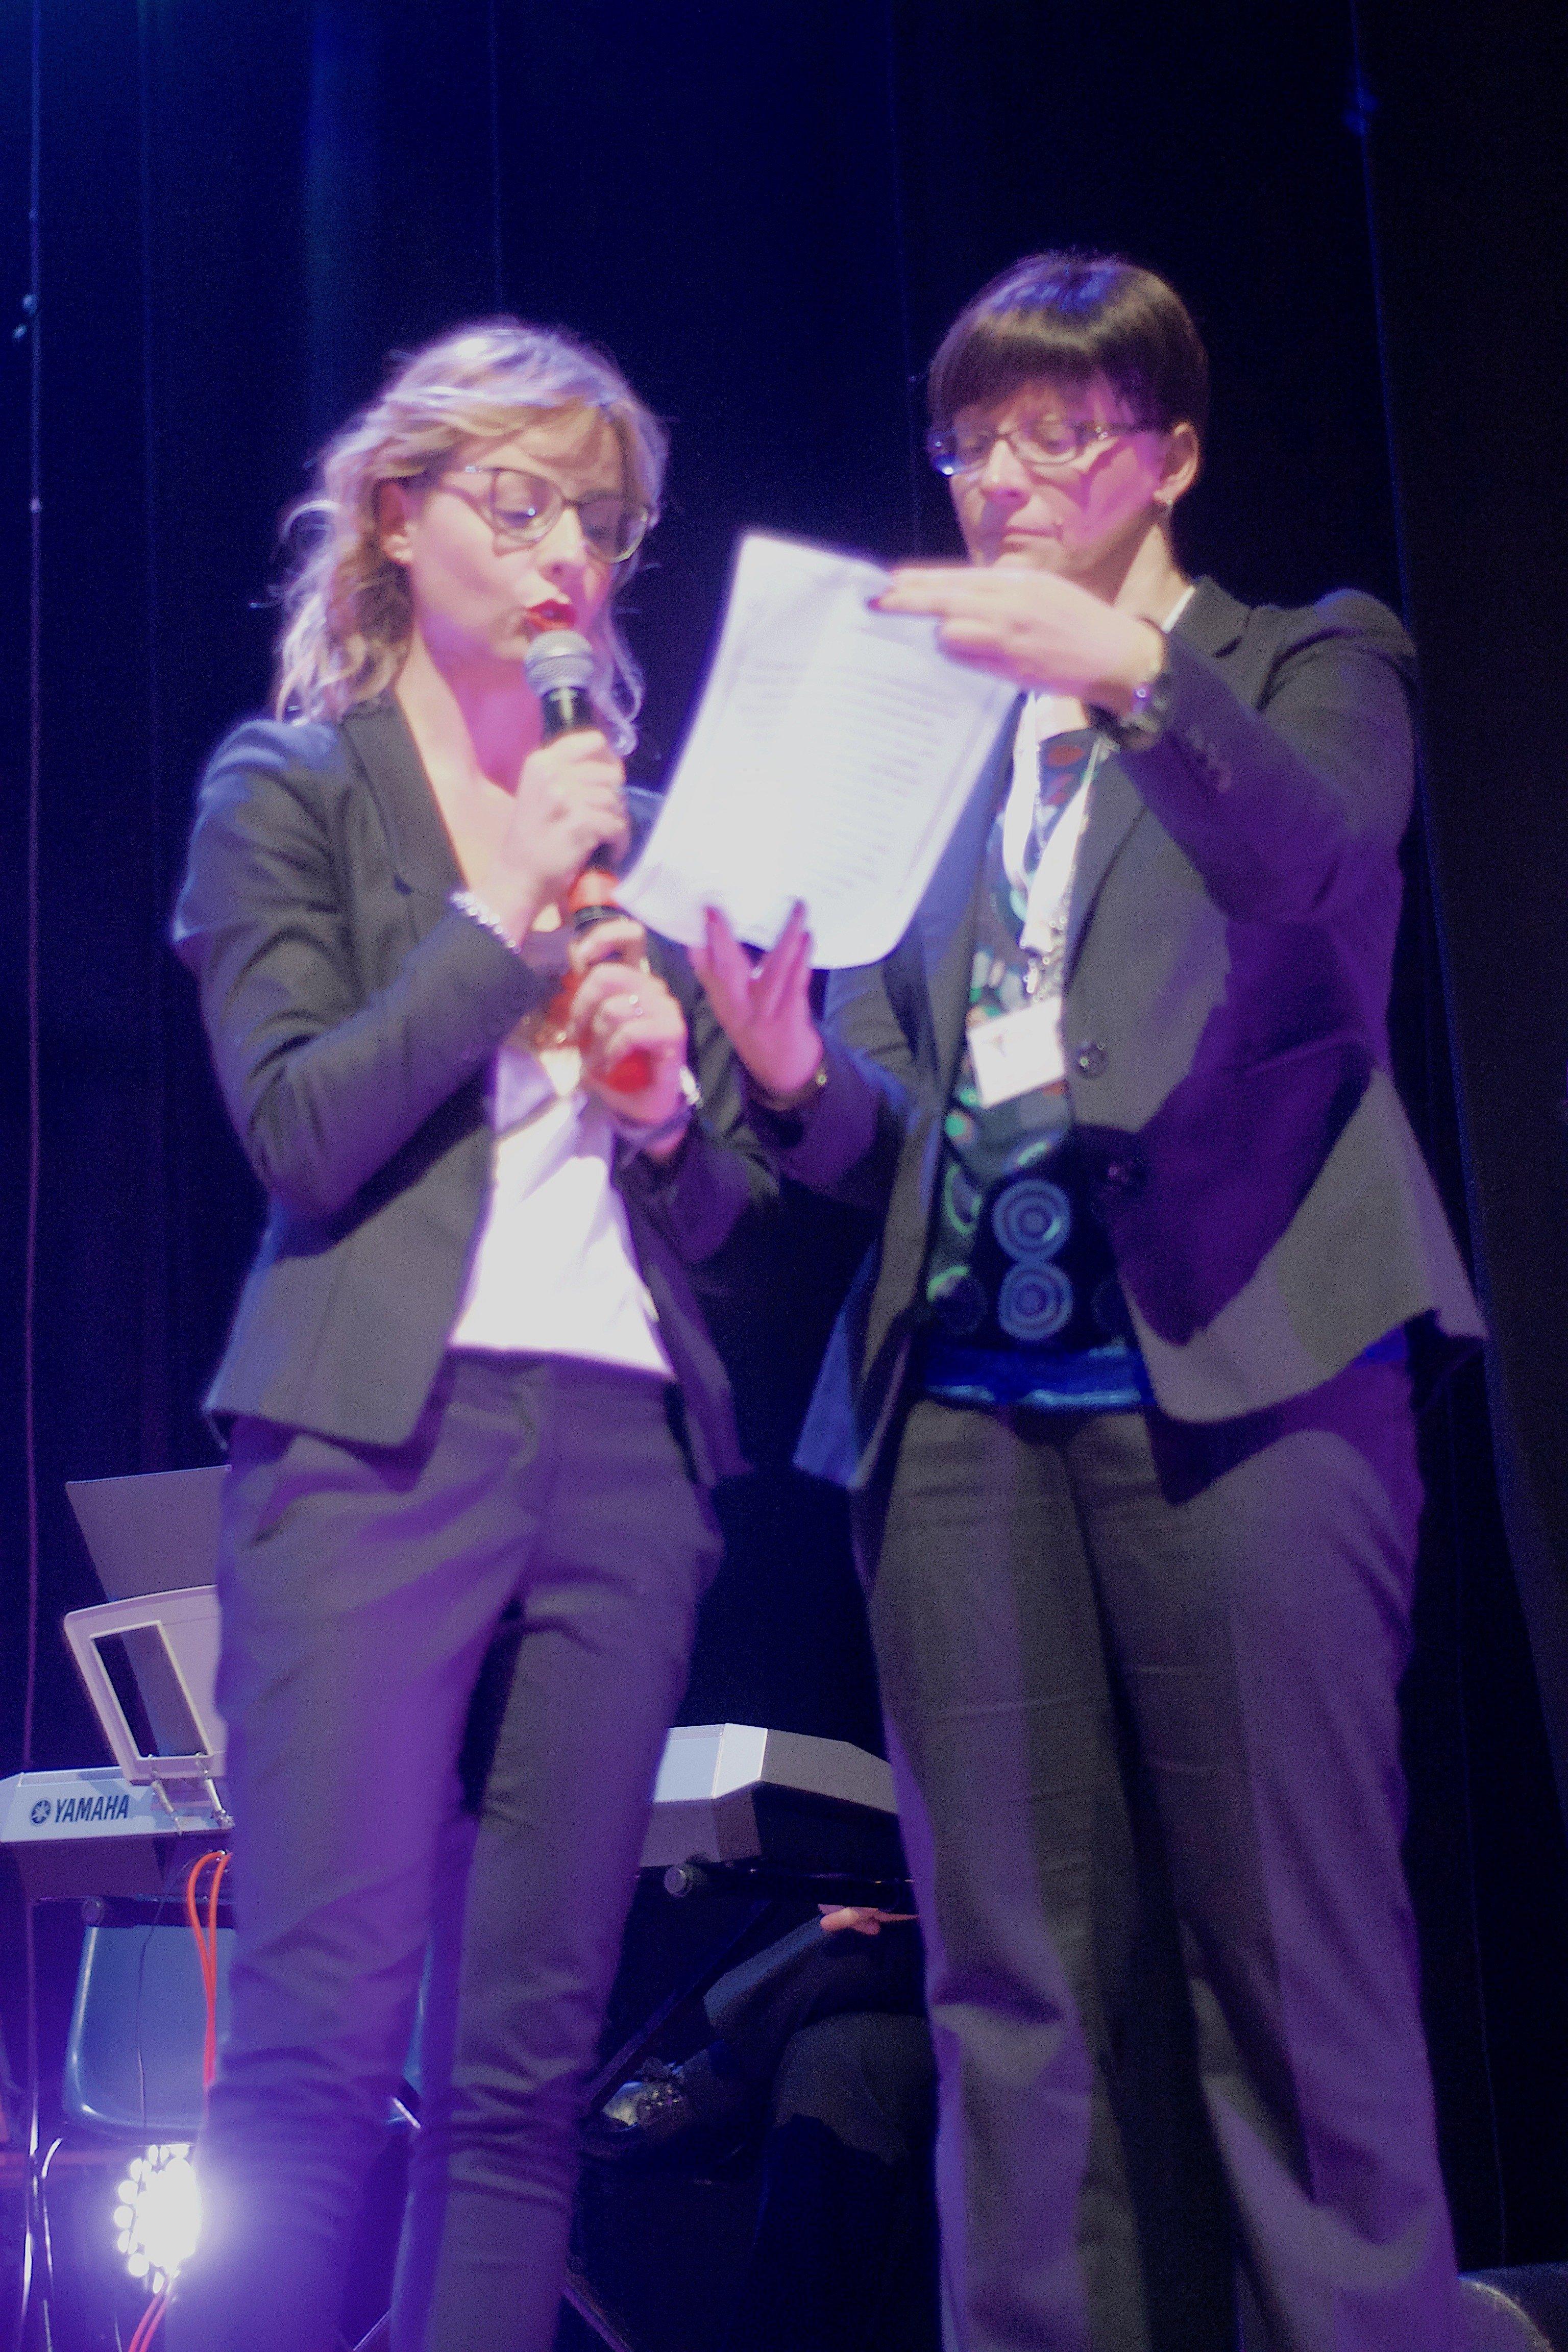 La dott.sa Alessia Massicci cugina di Rossana legge la pergamena consegnata in ricordo alla famiglia